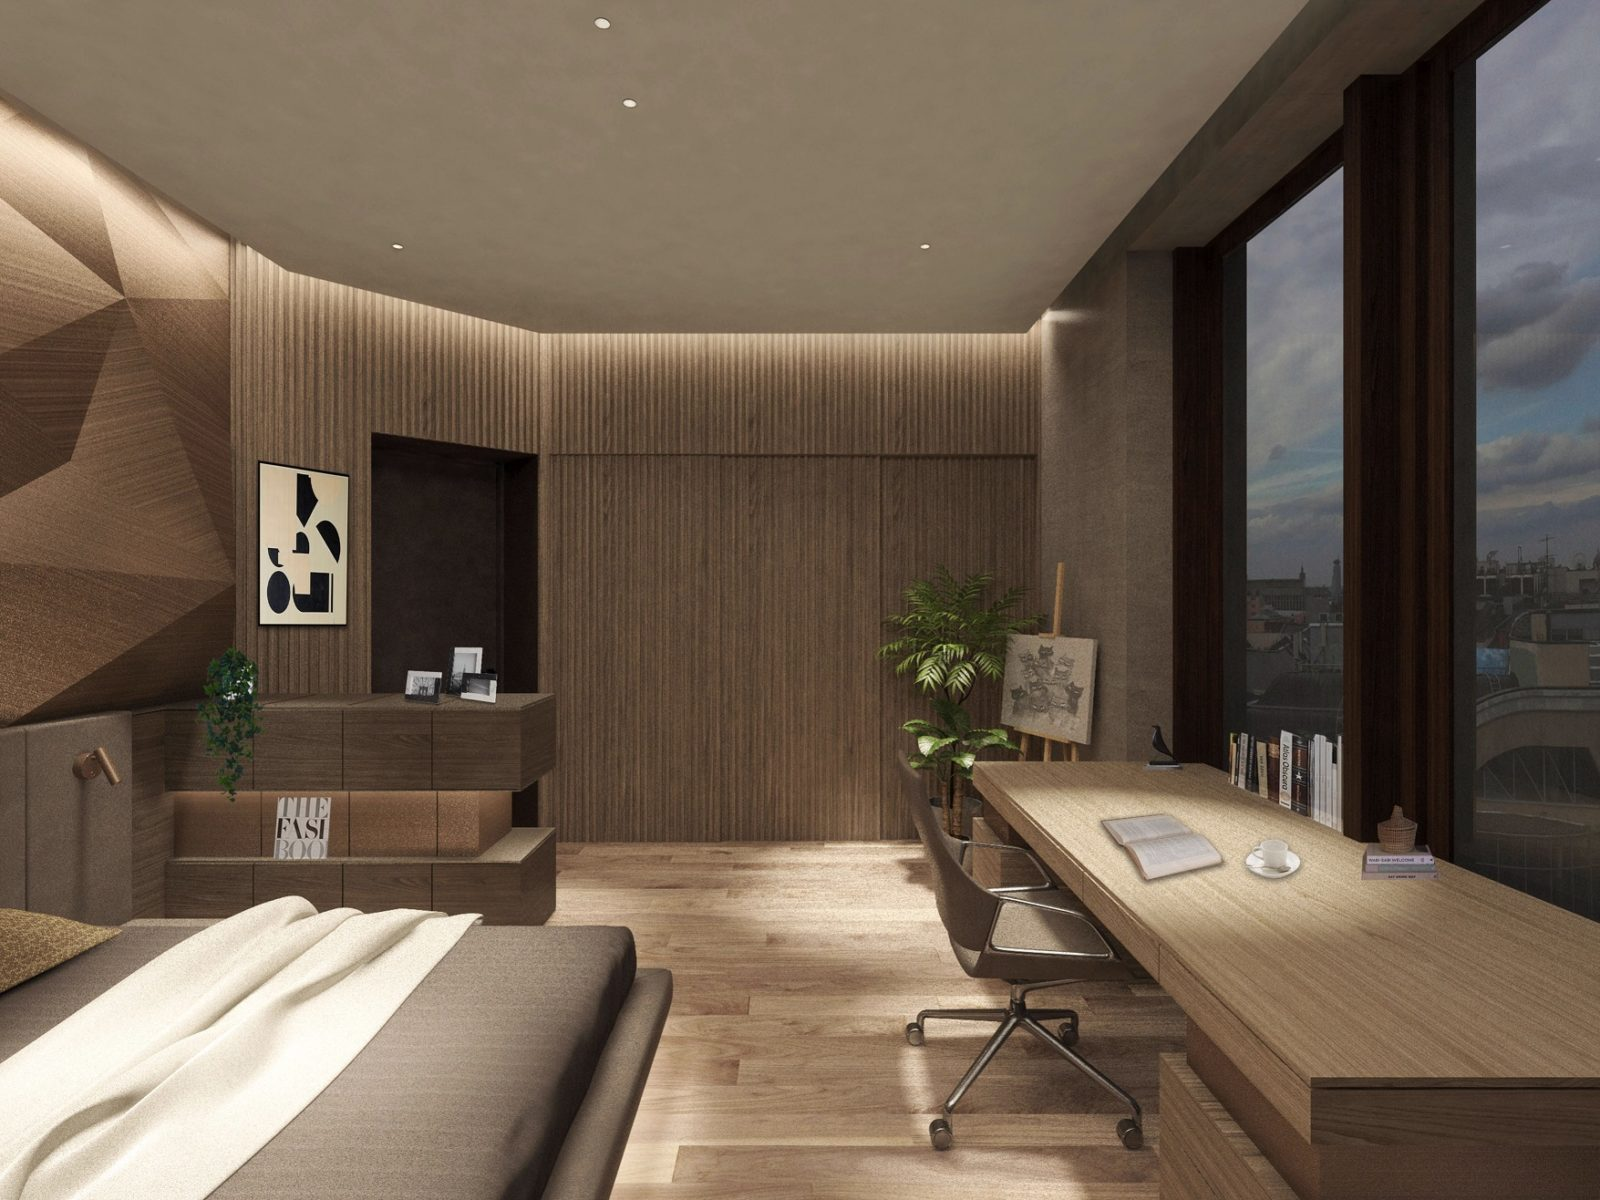 Дизайн квартиры японский стиль фото